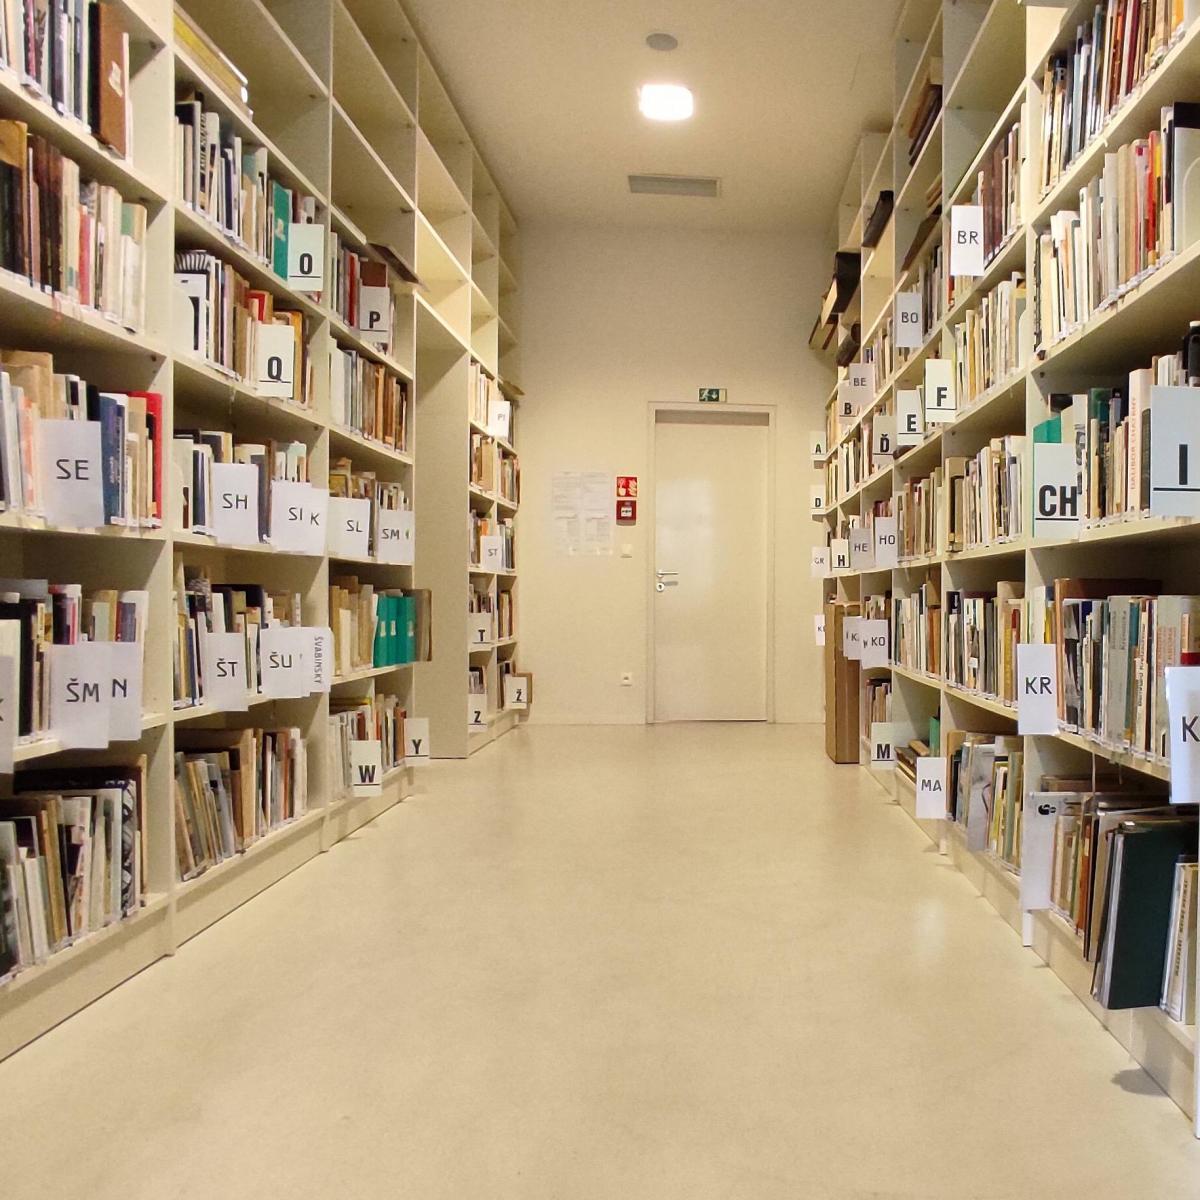 knihovna1.jpg